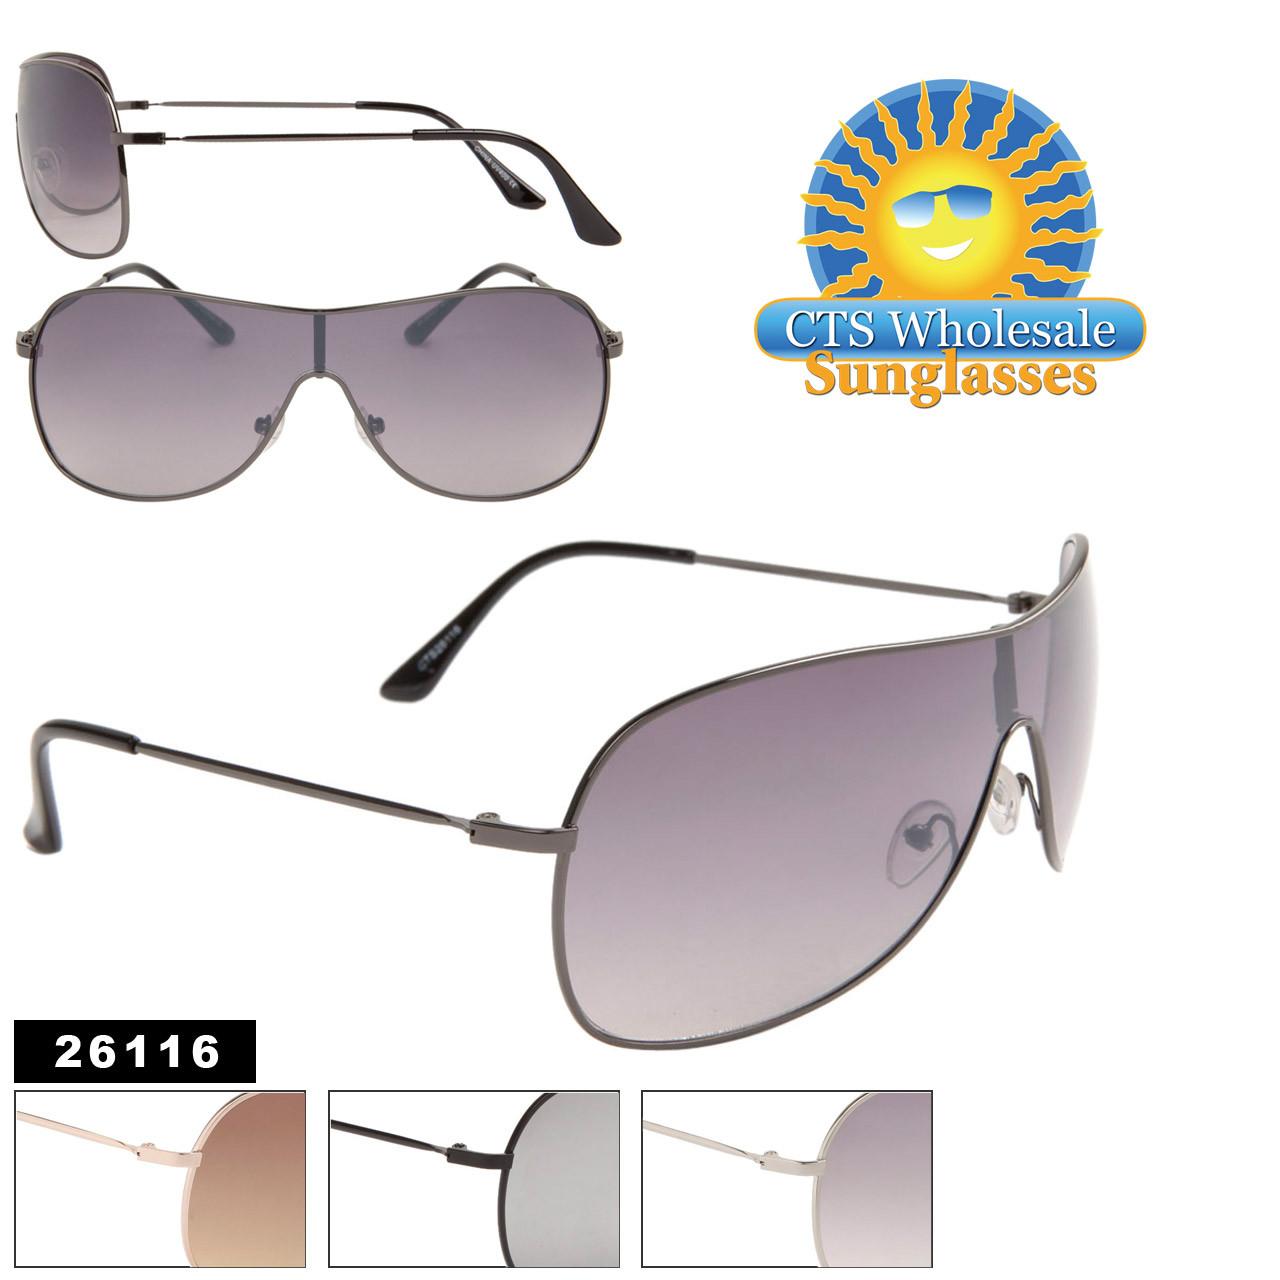 Unisex Wholesale Sunglasses Item # 26116